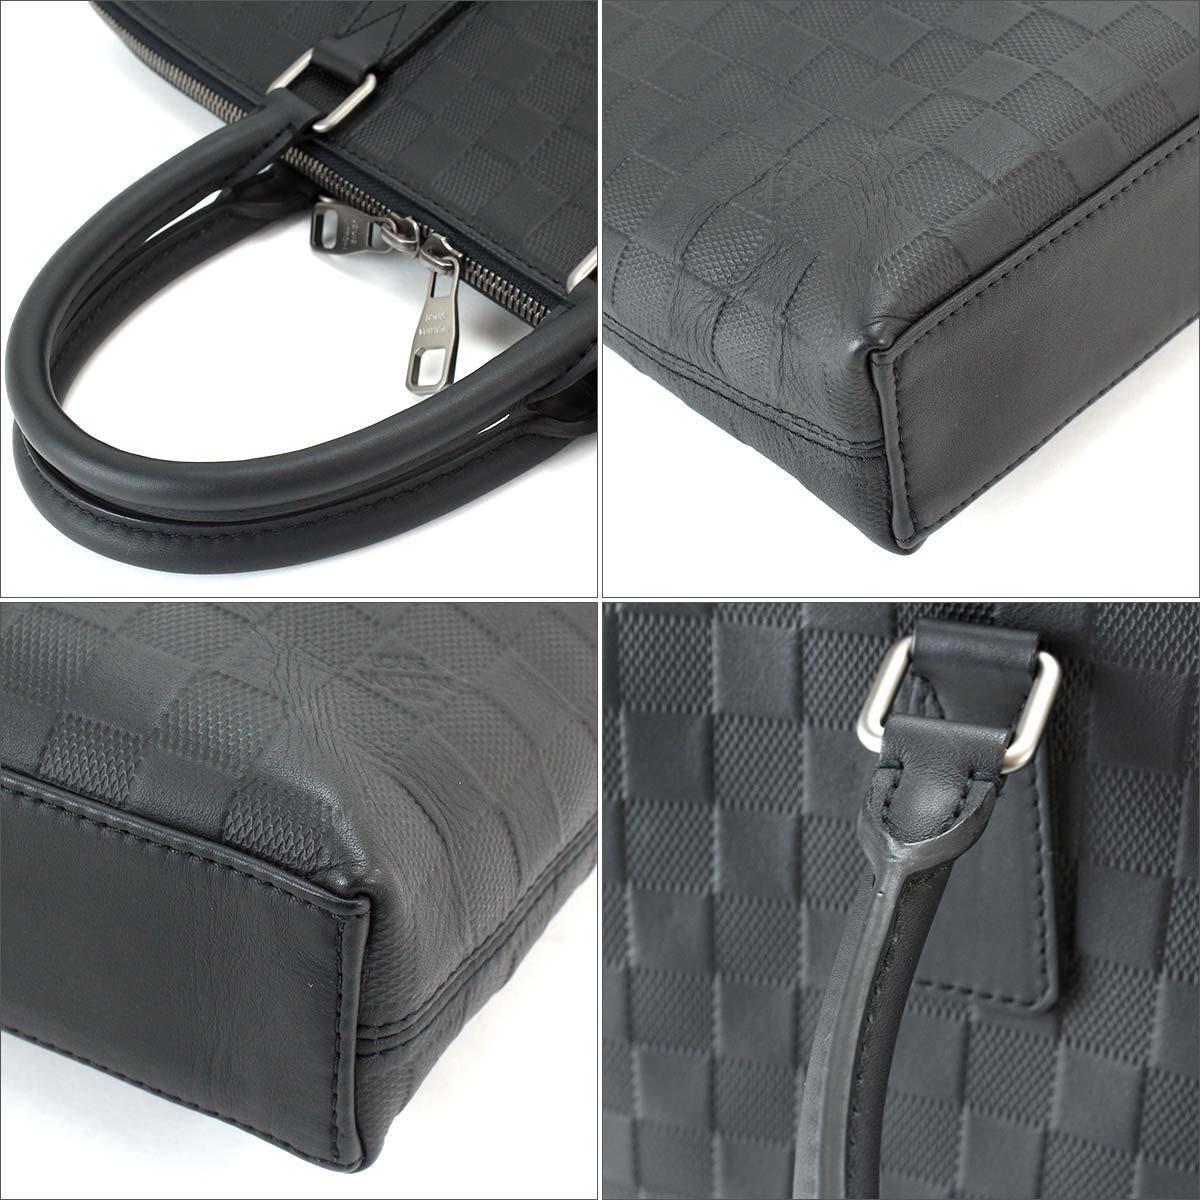 d075ebe18f97 Lyst - Louis Vuitton Damier Infini Porte Documents Jour Pdj Bag ...